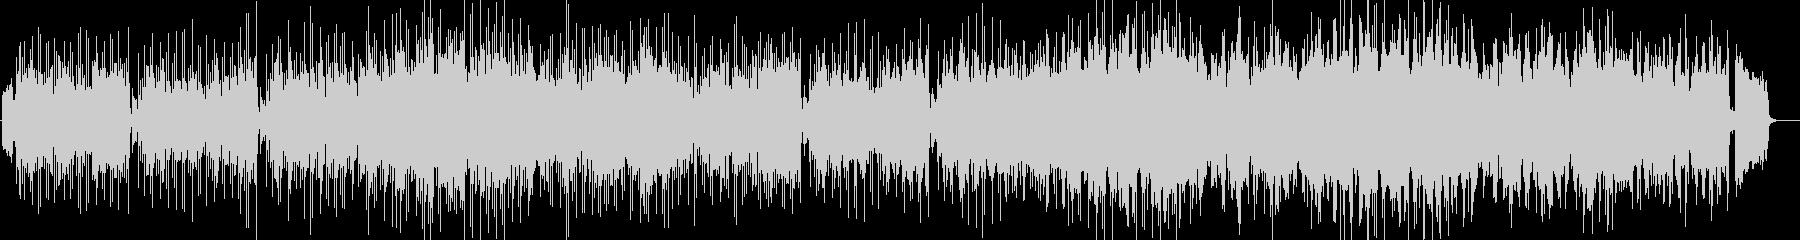 昭和のムード歌謡風の曲の未再生の波形